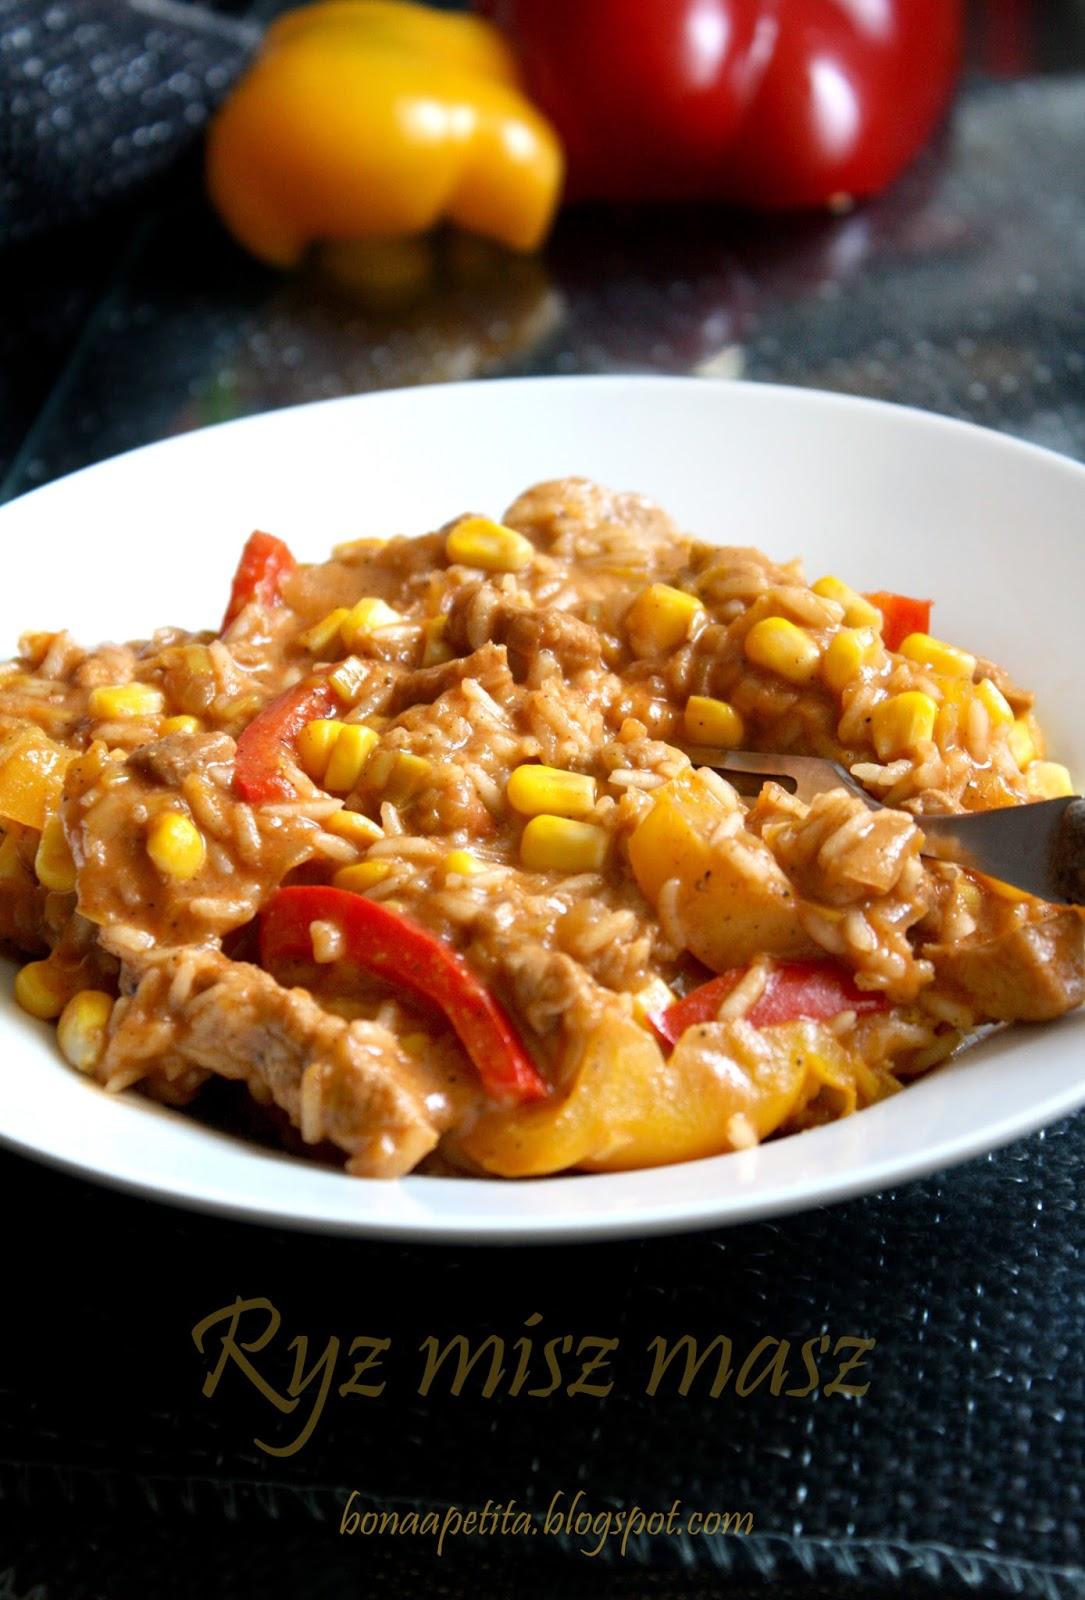 Ryż misz masz -  czyli ryż z mięsem, słodka papryką i kukurydzą